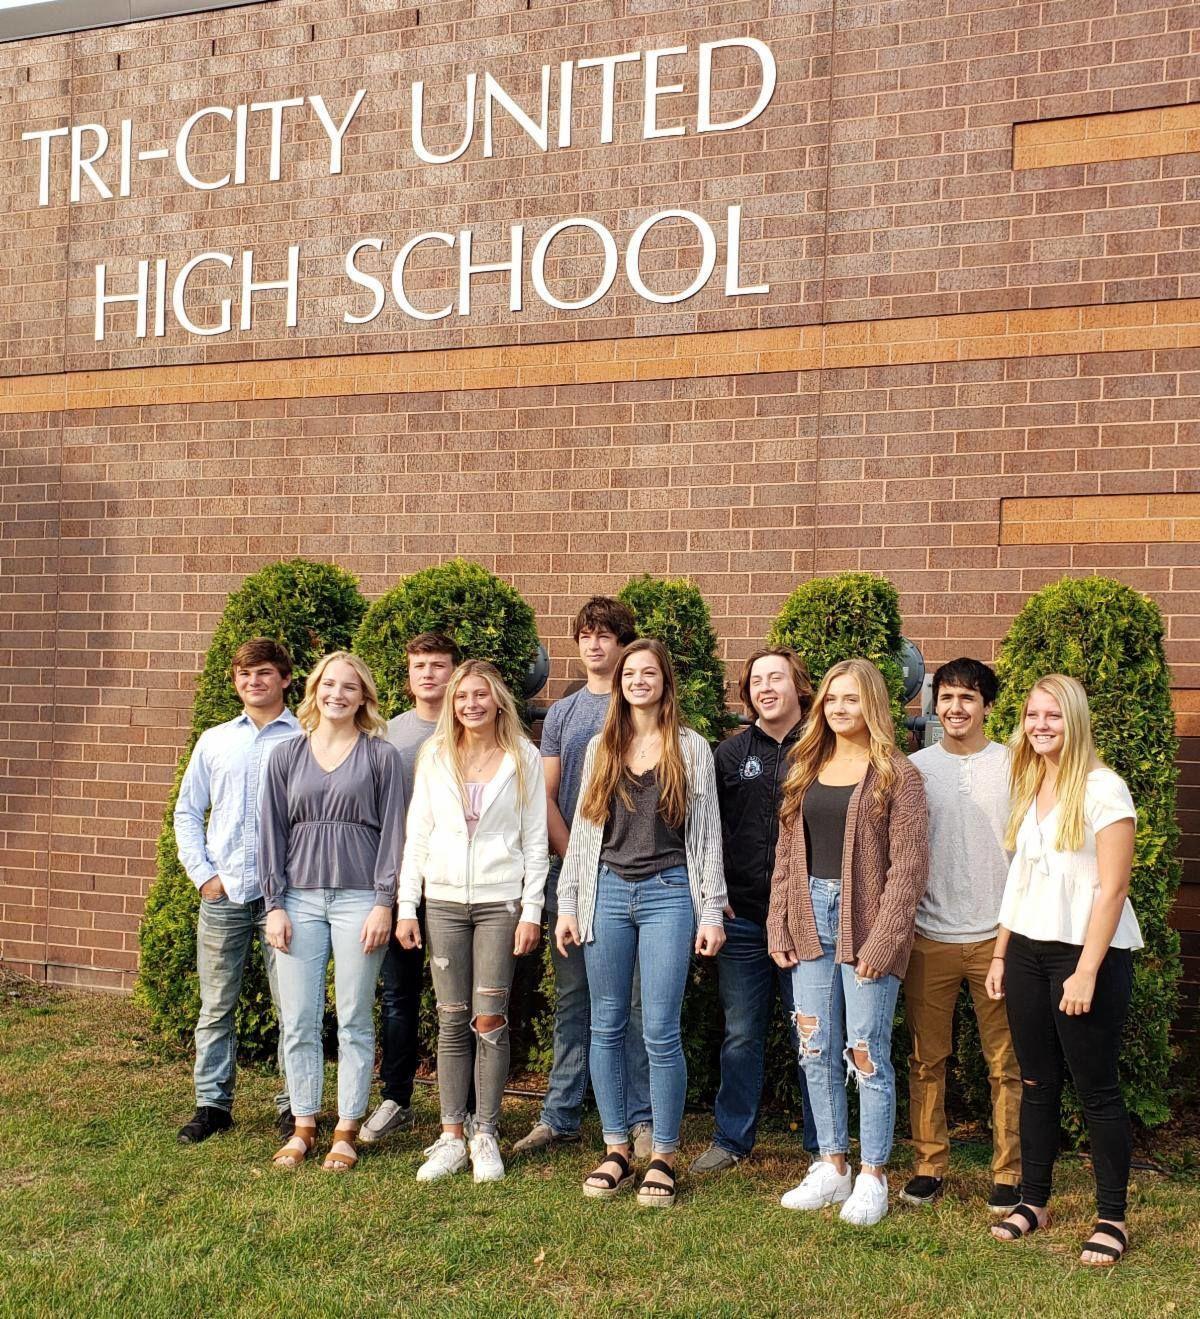 TCU candidates